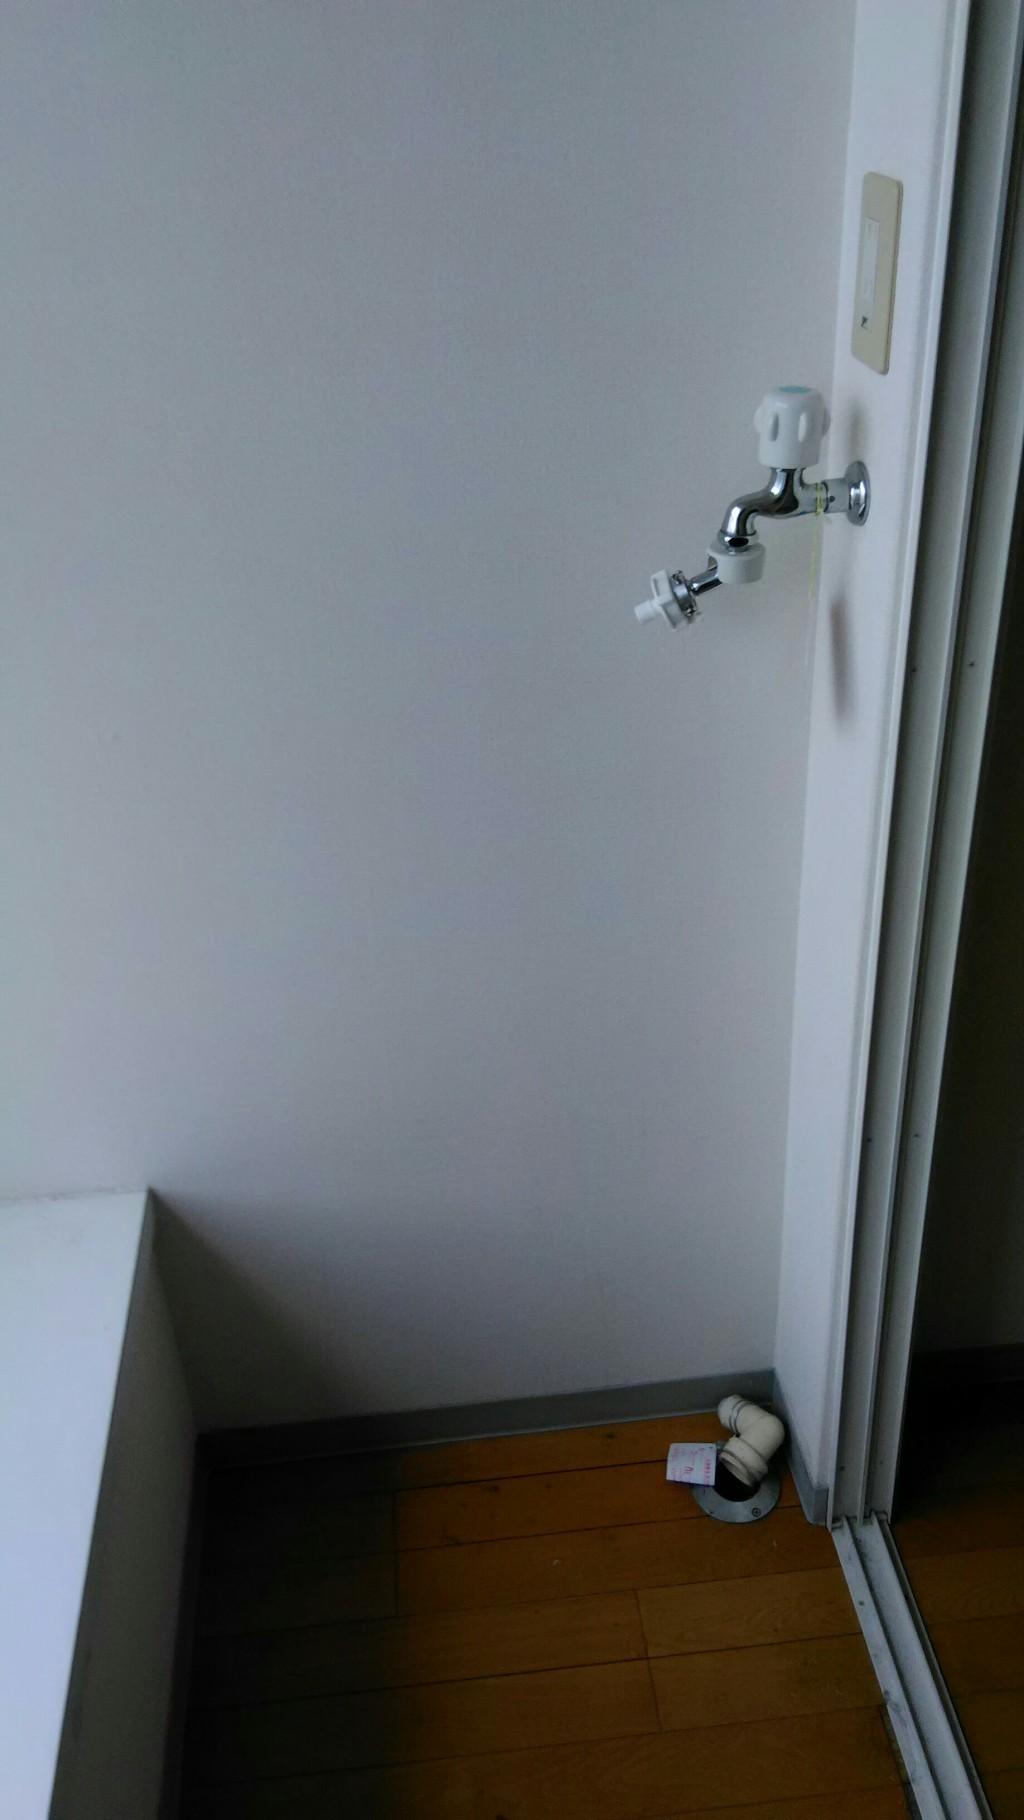 【小矢部市】引っ越し前の冷蔵庫やベッドなどの処分☆スピード回収にご満足いただけました!